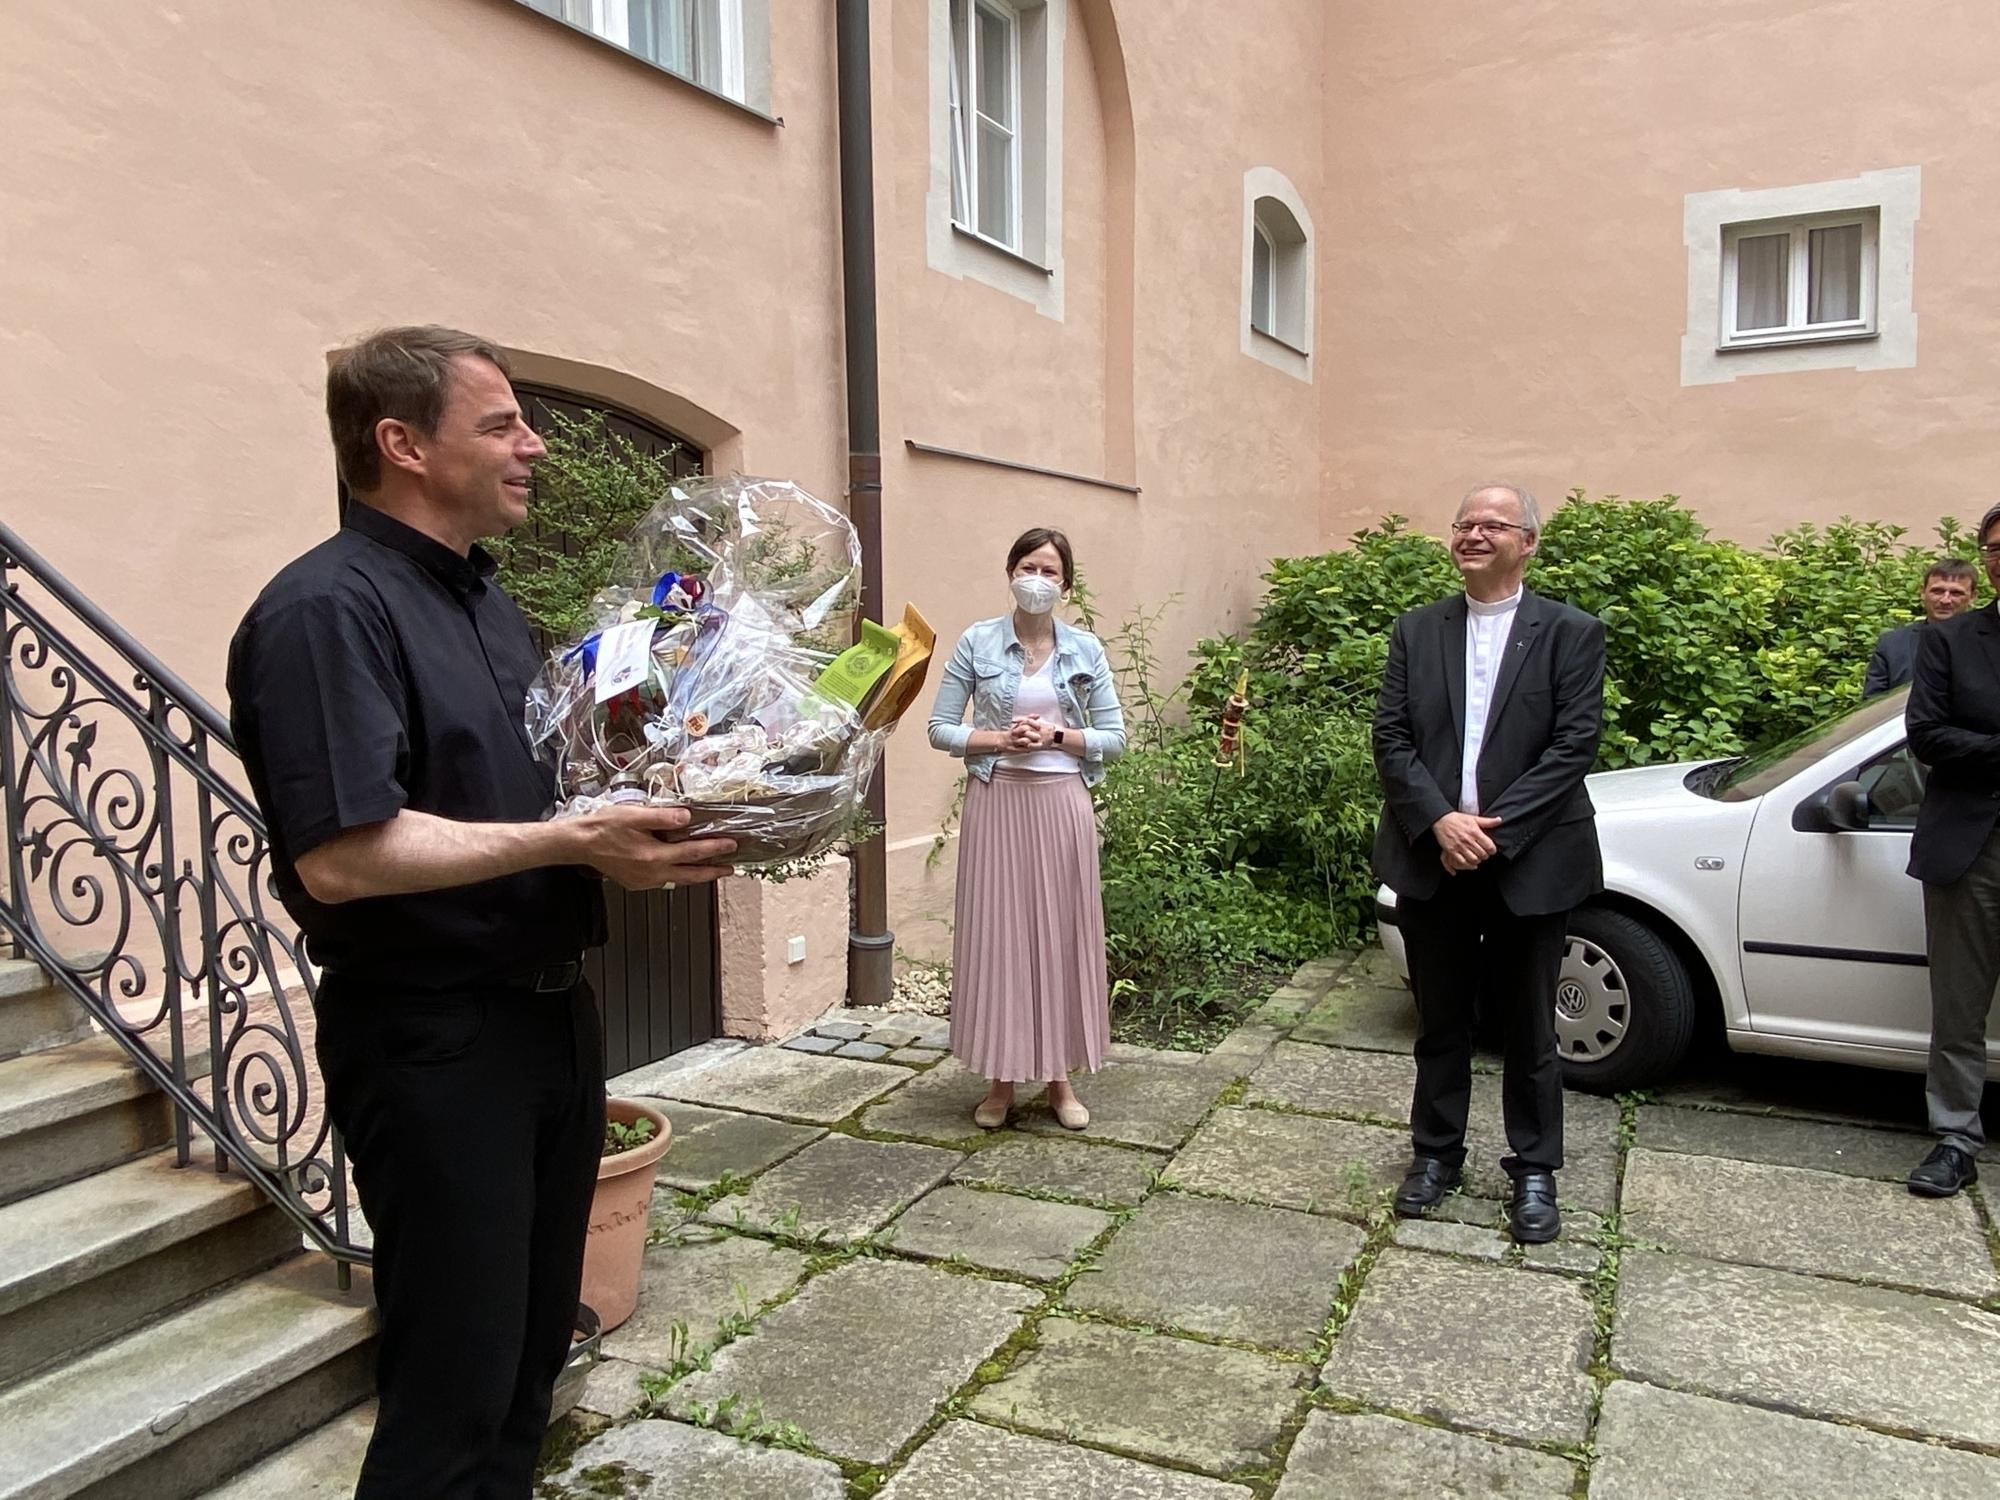 210624 Ueberraschung Bischof Foto2